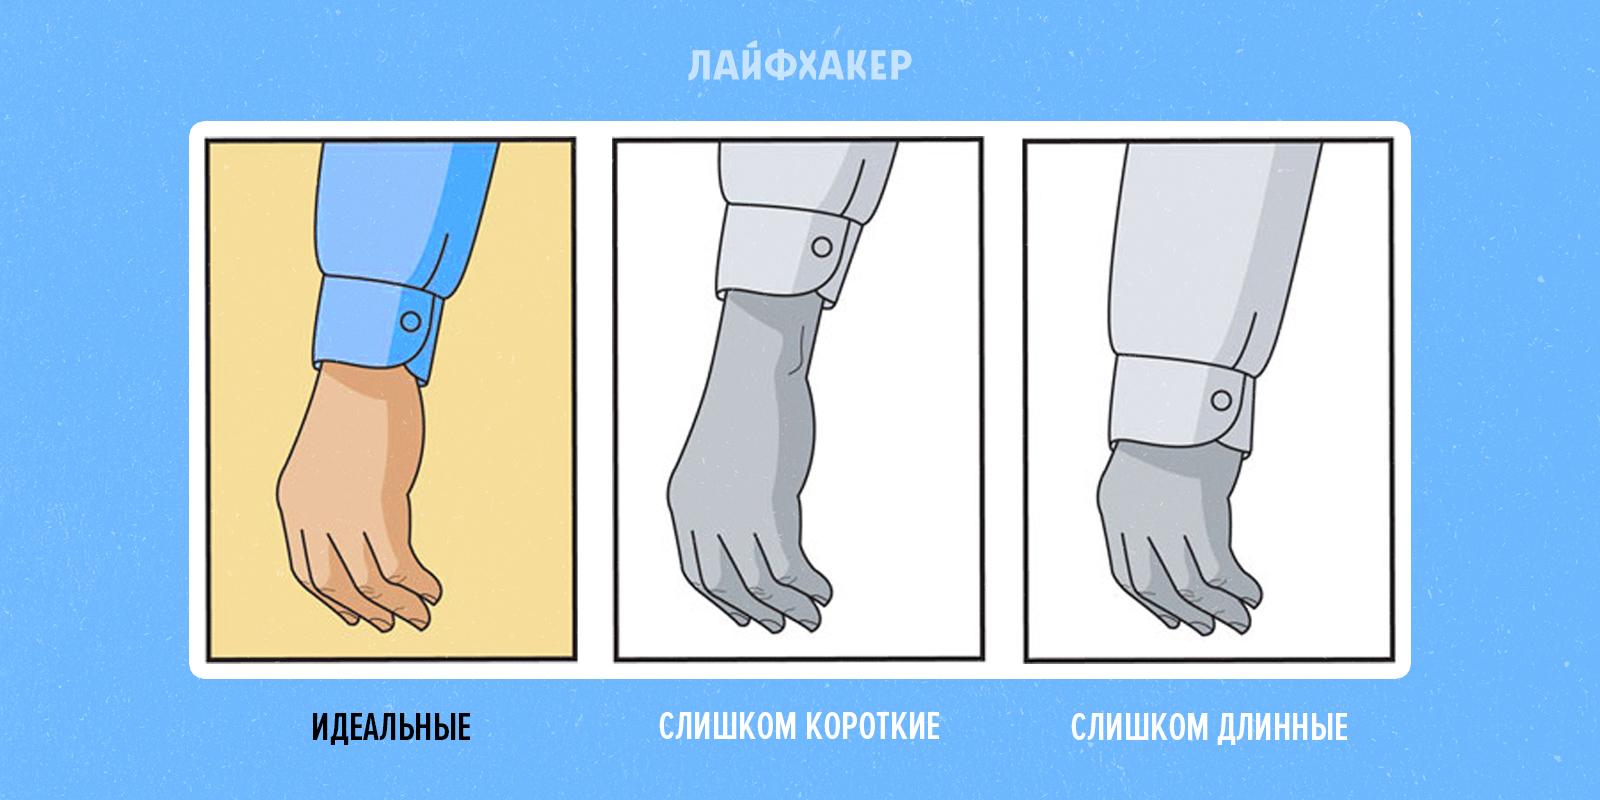 Как длинный рукав сделать коротким